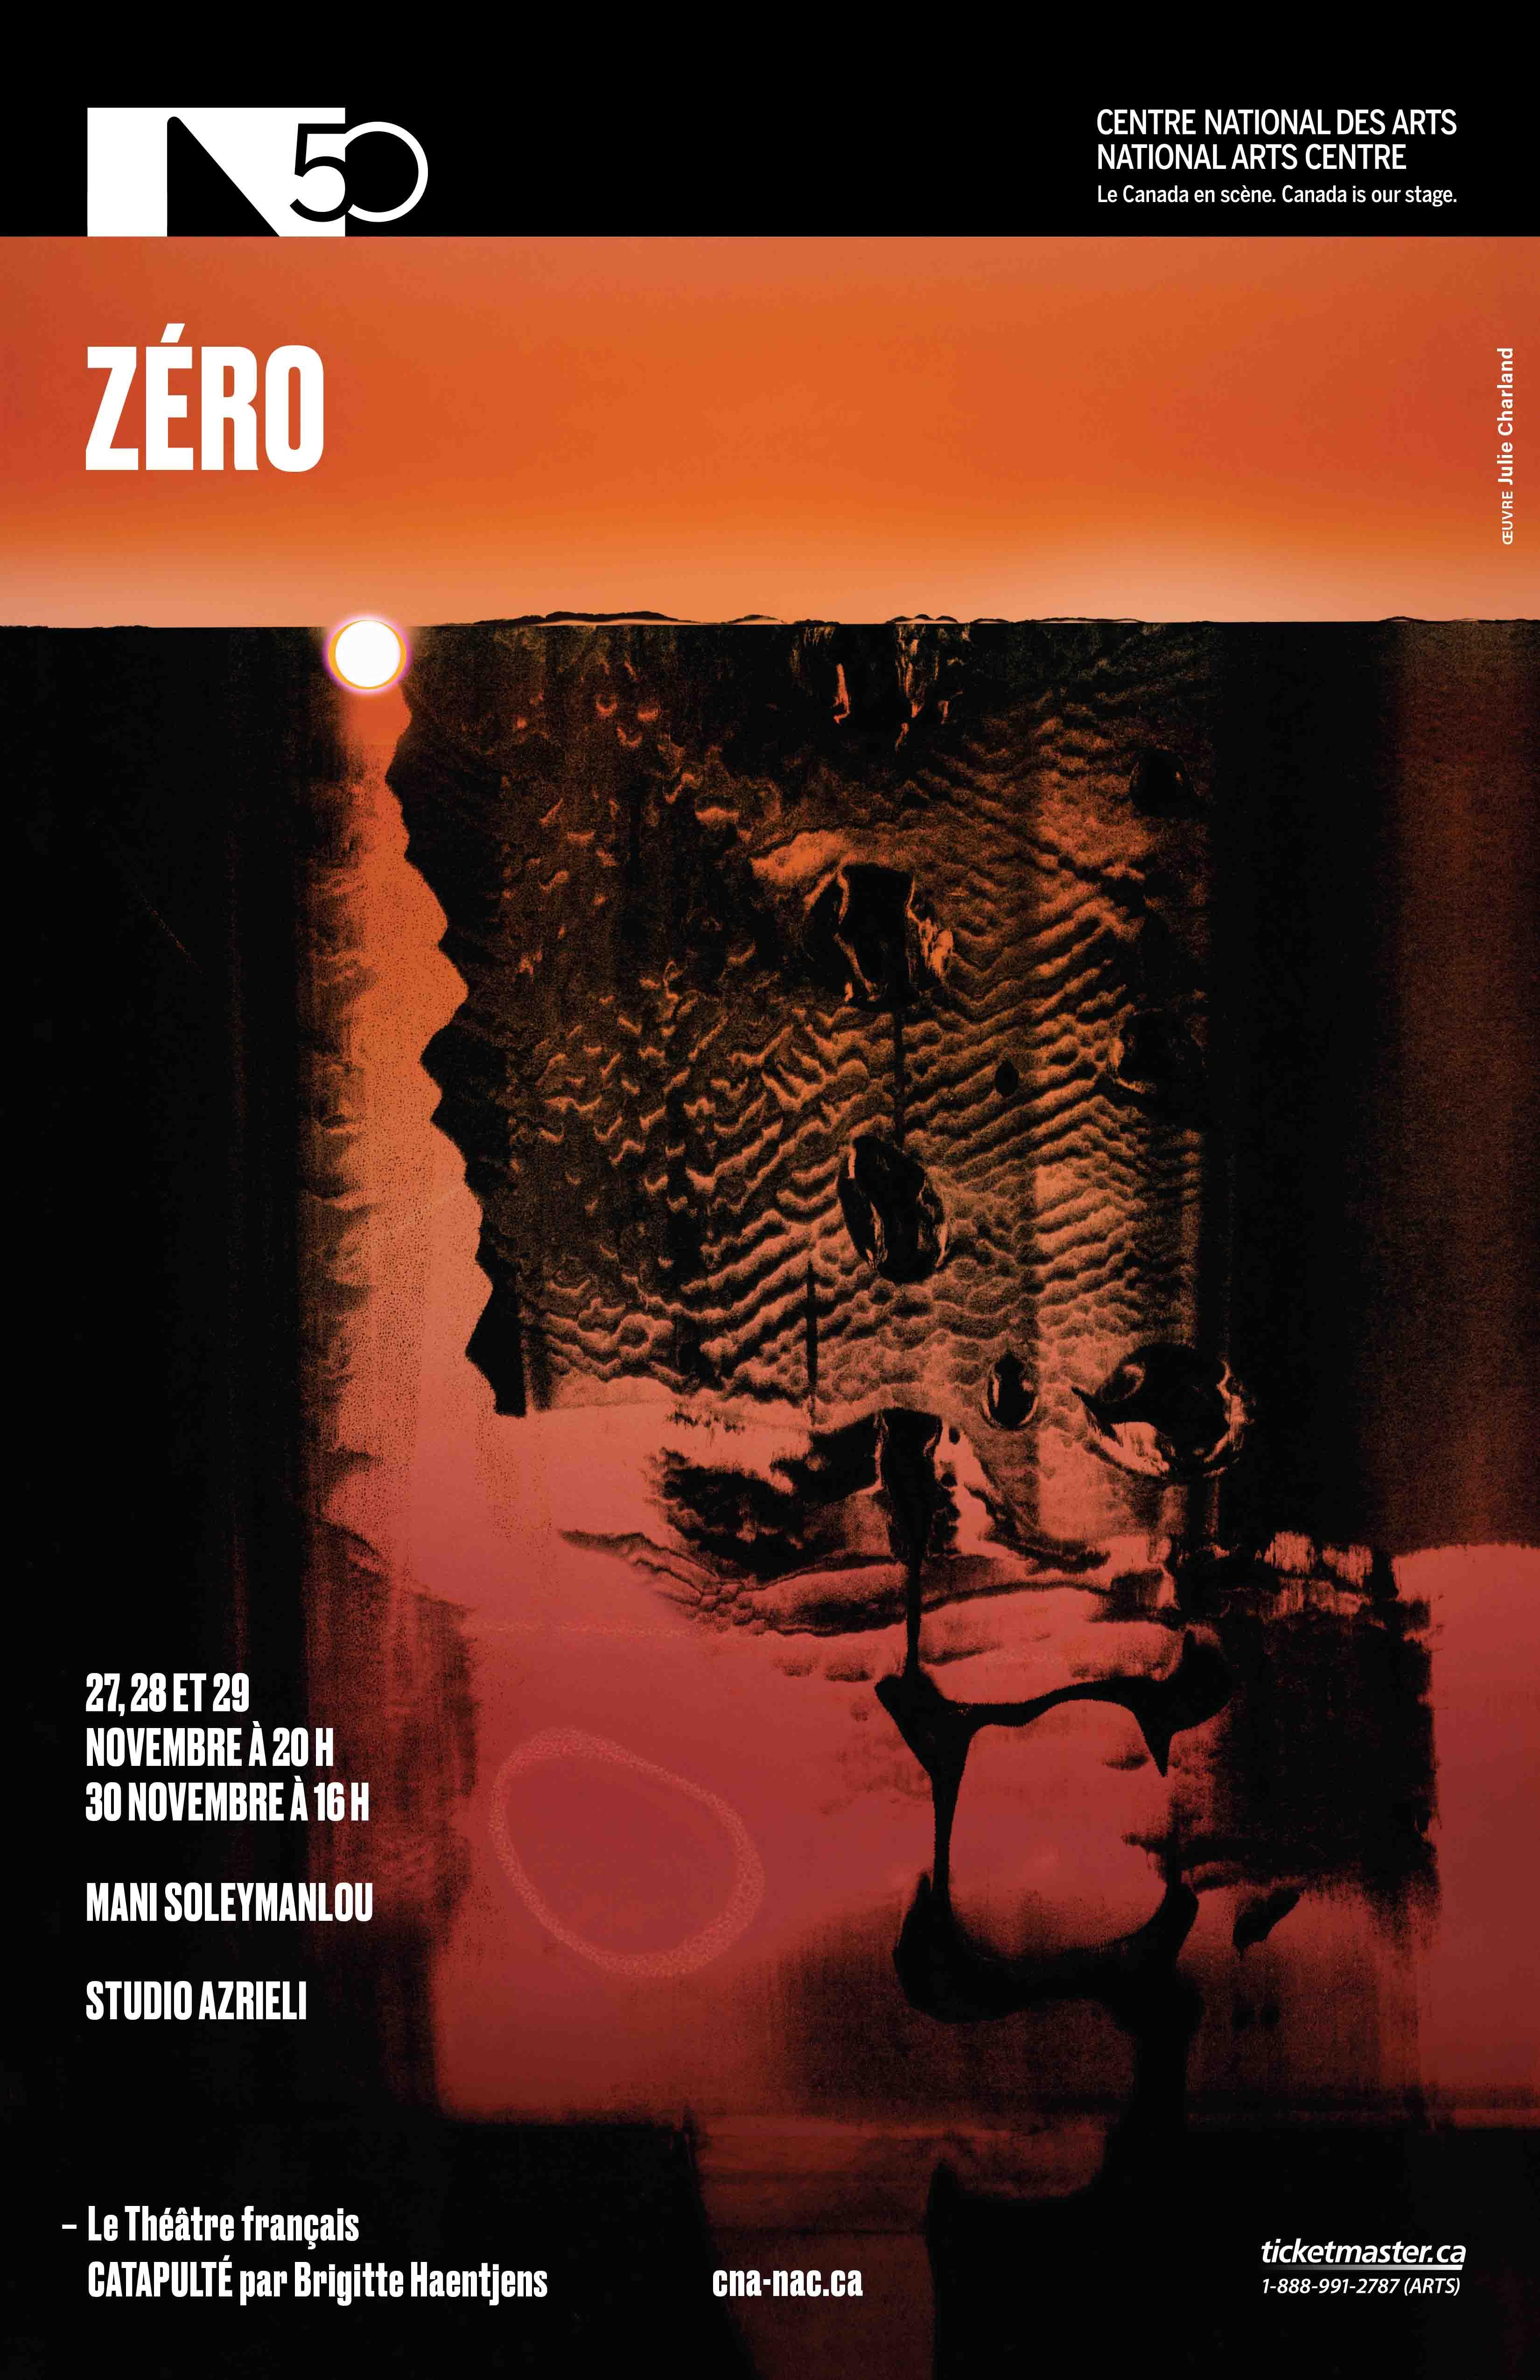 Zéro / graphisme Gauthier Designers